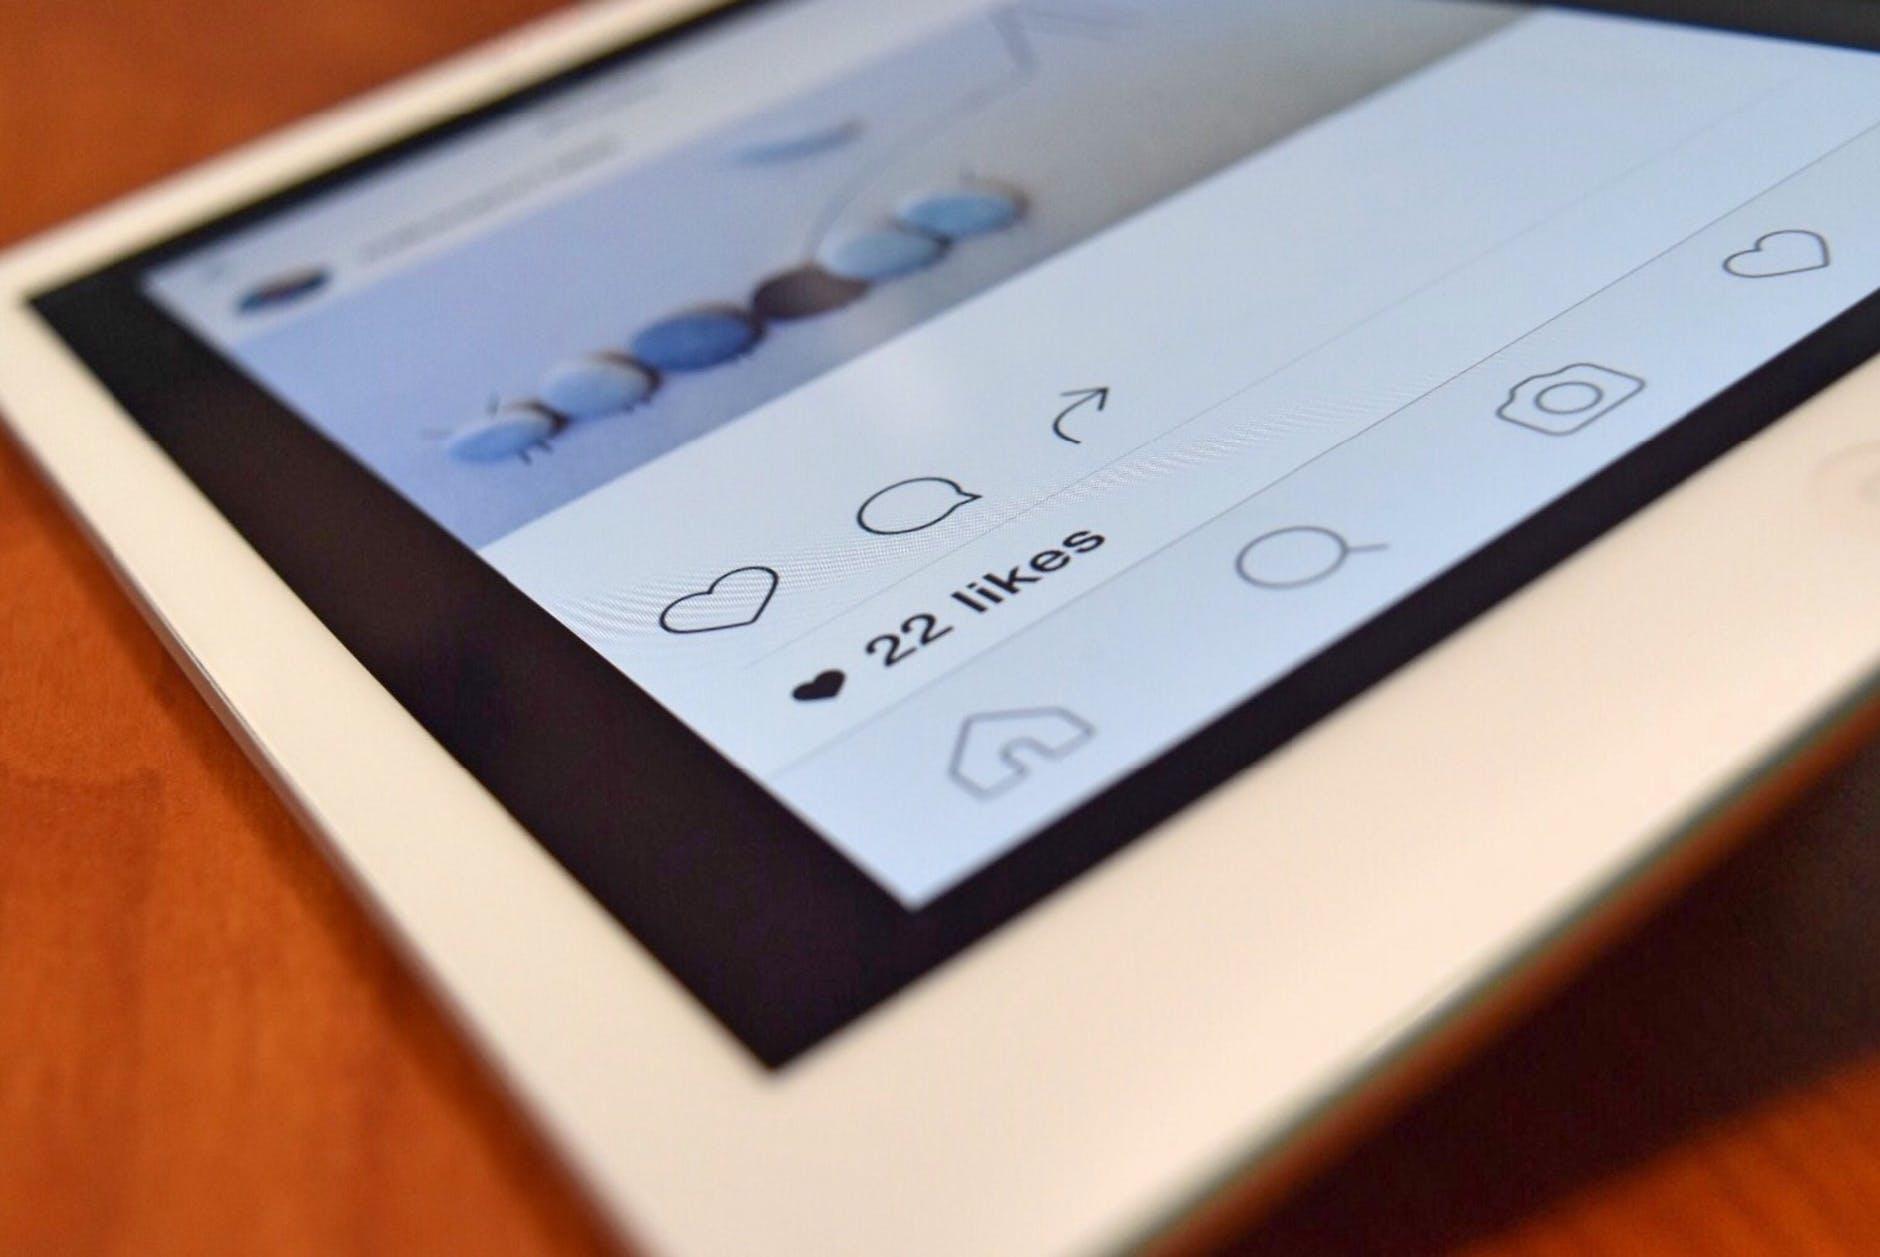 Foco no conteúdo: Instagram remove contagem de likes